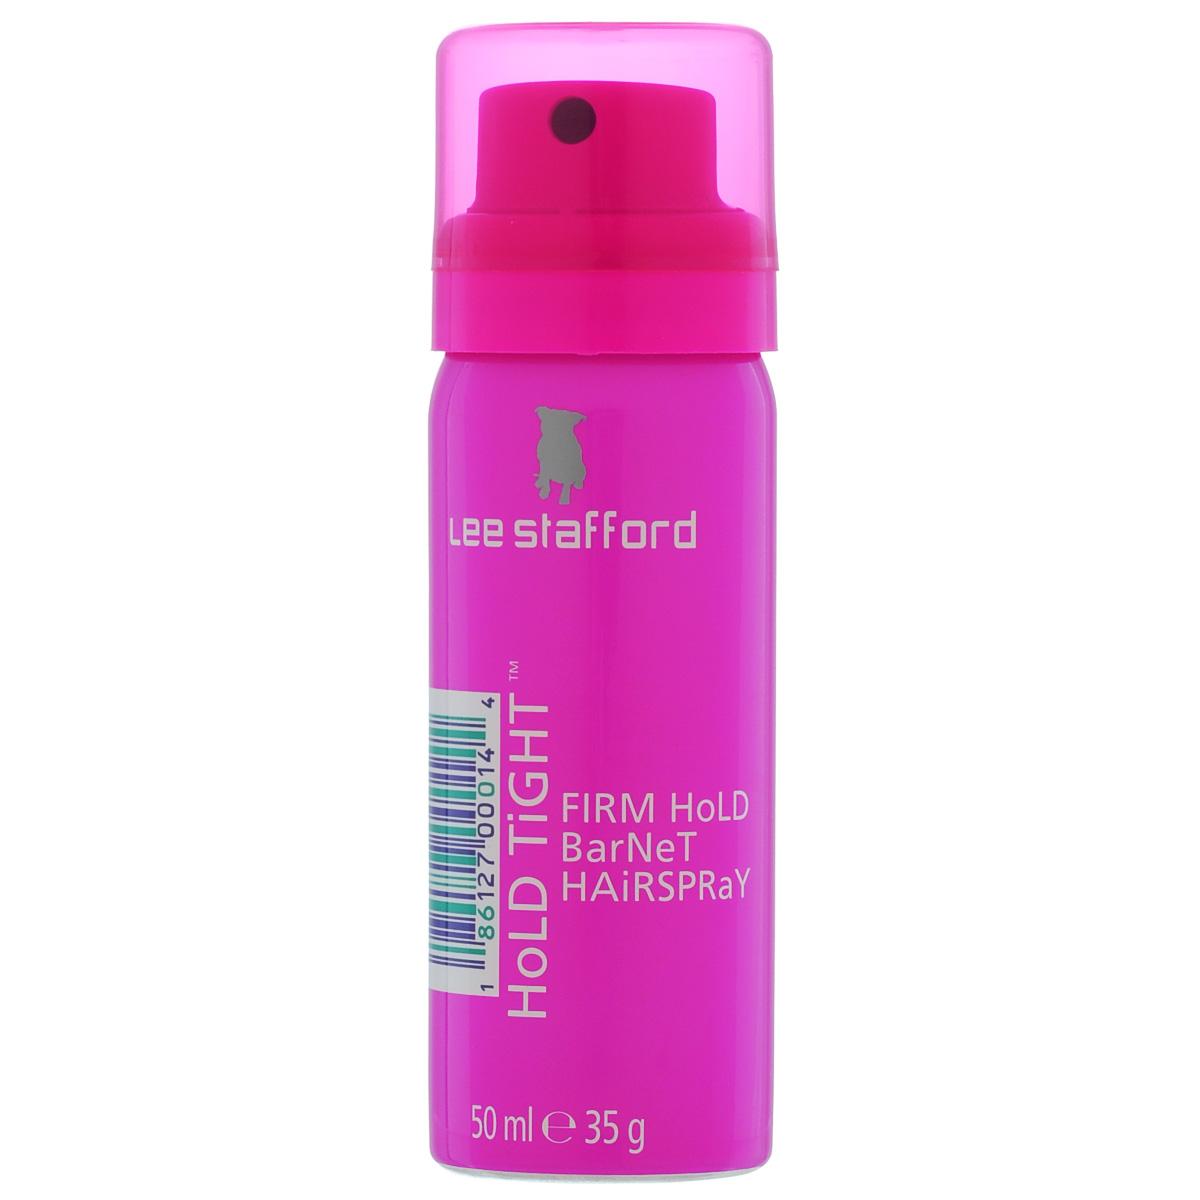 Lee Stafford Лак для волос Hold Tight Mini, 50 мл608084400401 Lee Stafford Лак для волос сверхсильной фиксации Hold Tight Spray, 50 мл. Фиксирует прическу, не создает пленку и не склеивает. Встряхните баллон, распылите лак в нужном объеме.